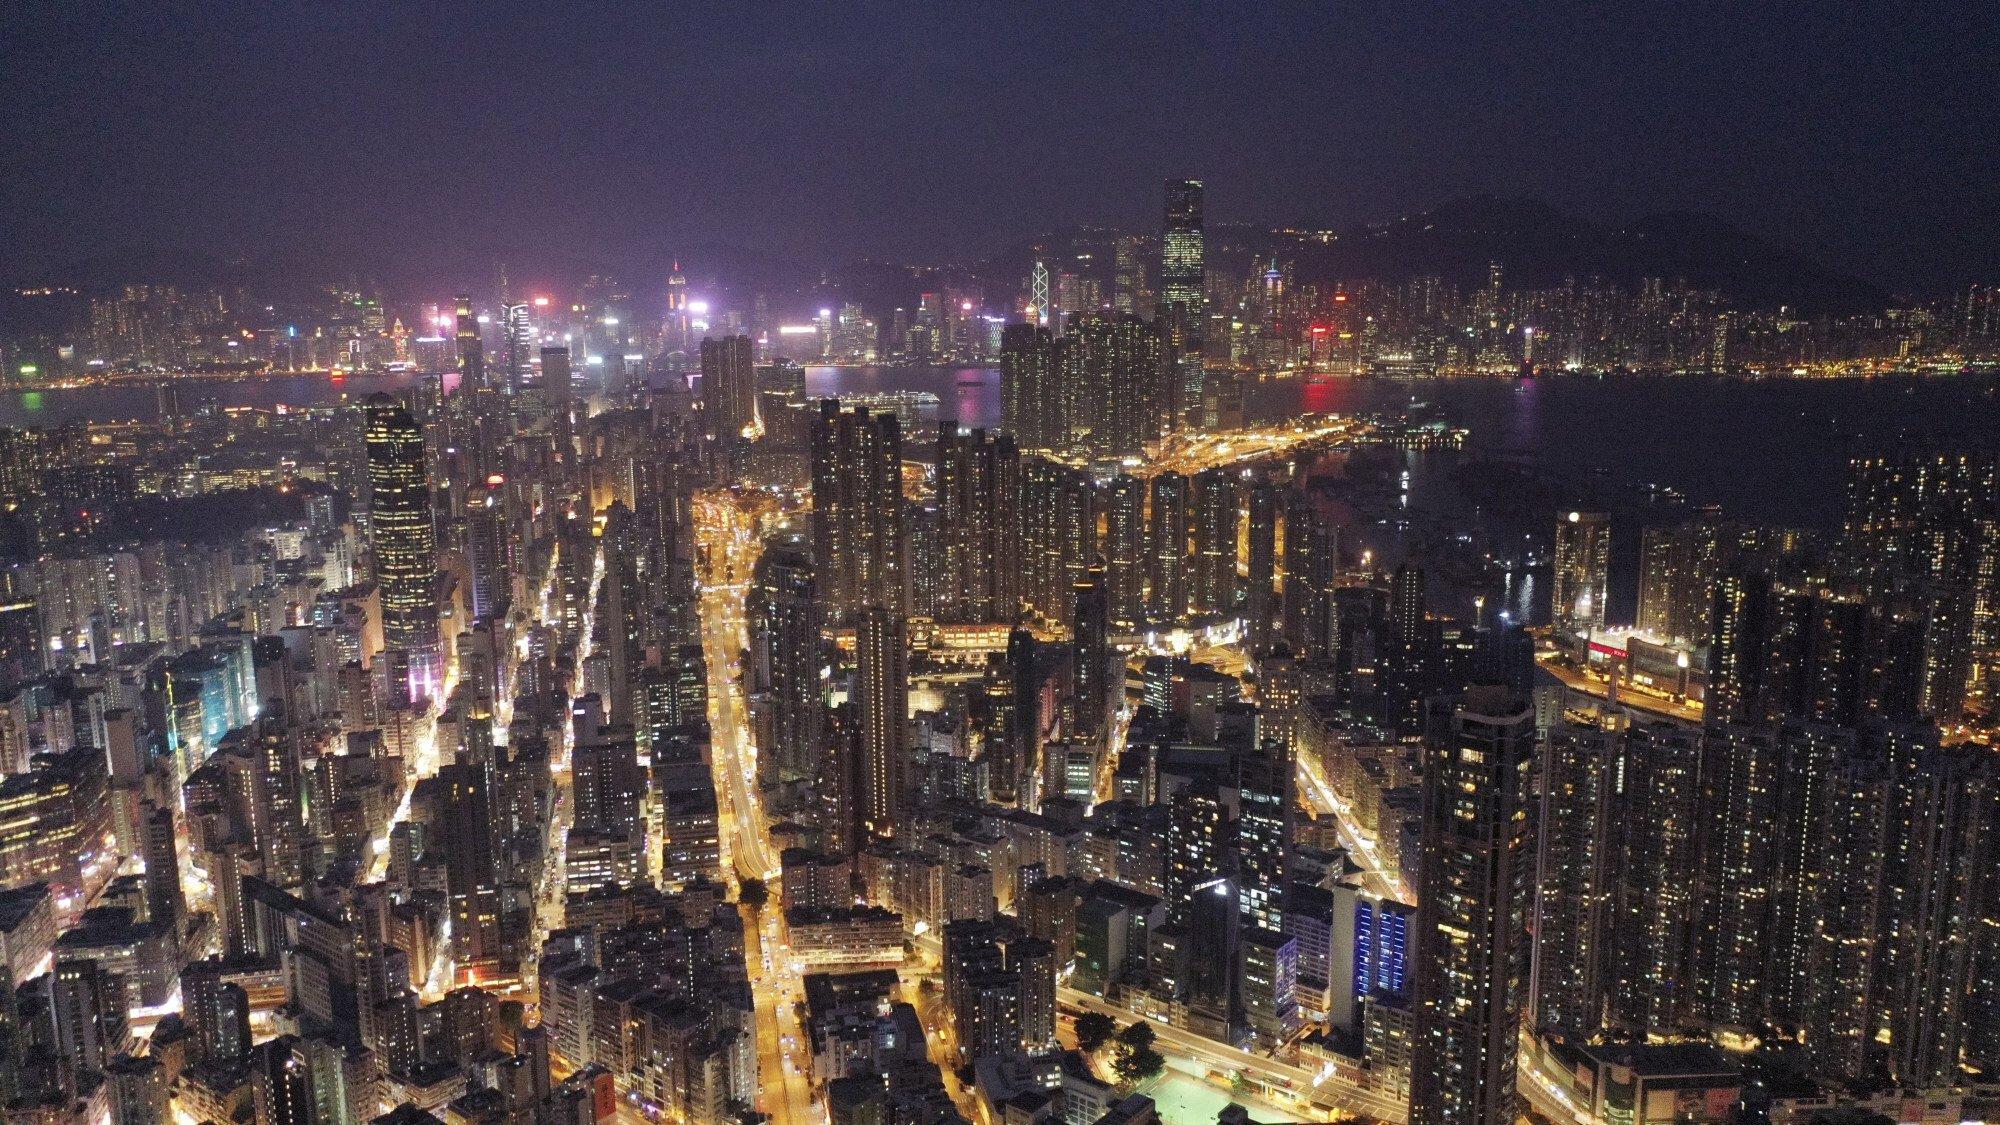 A night view of Kowloon district and Hong Kong Island. Photo: Sam Tsang